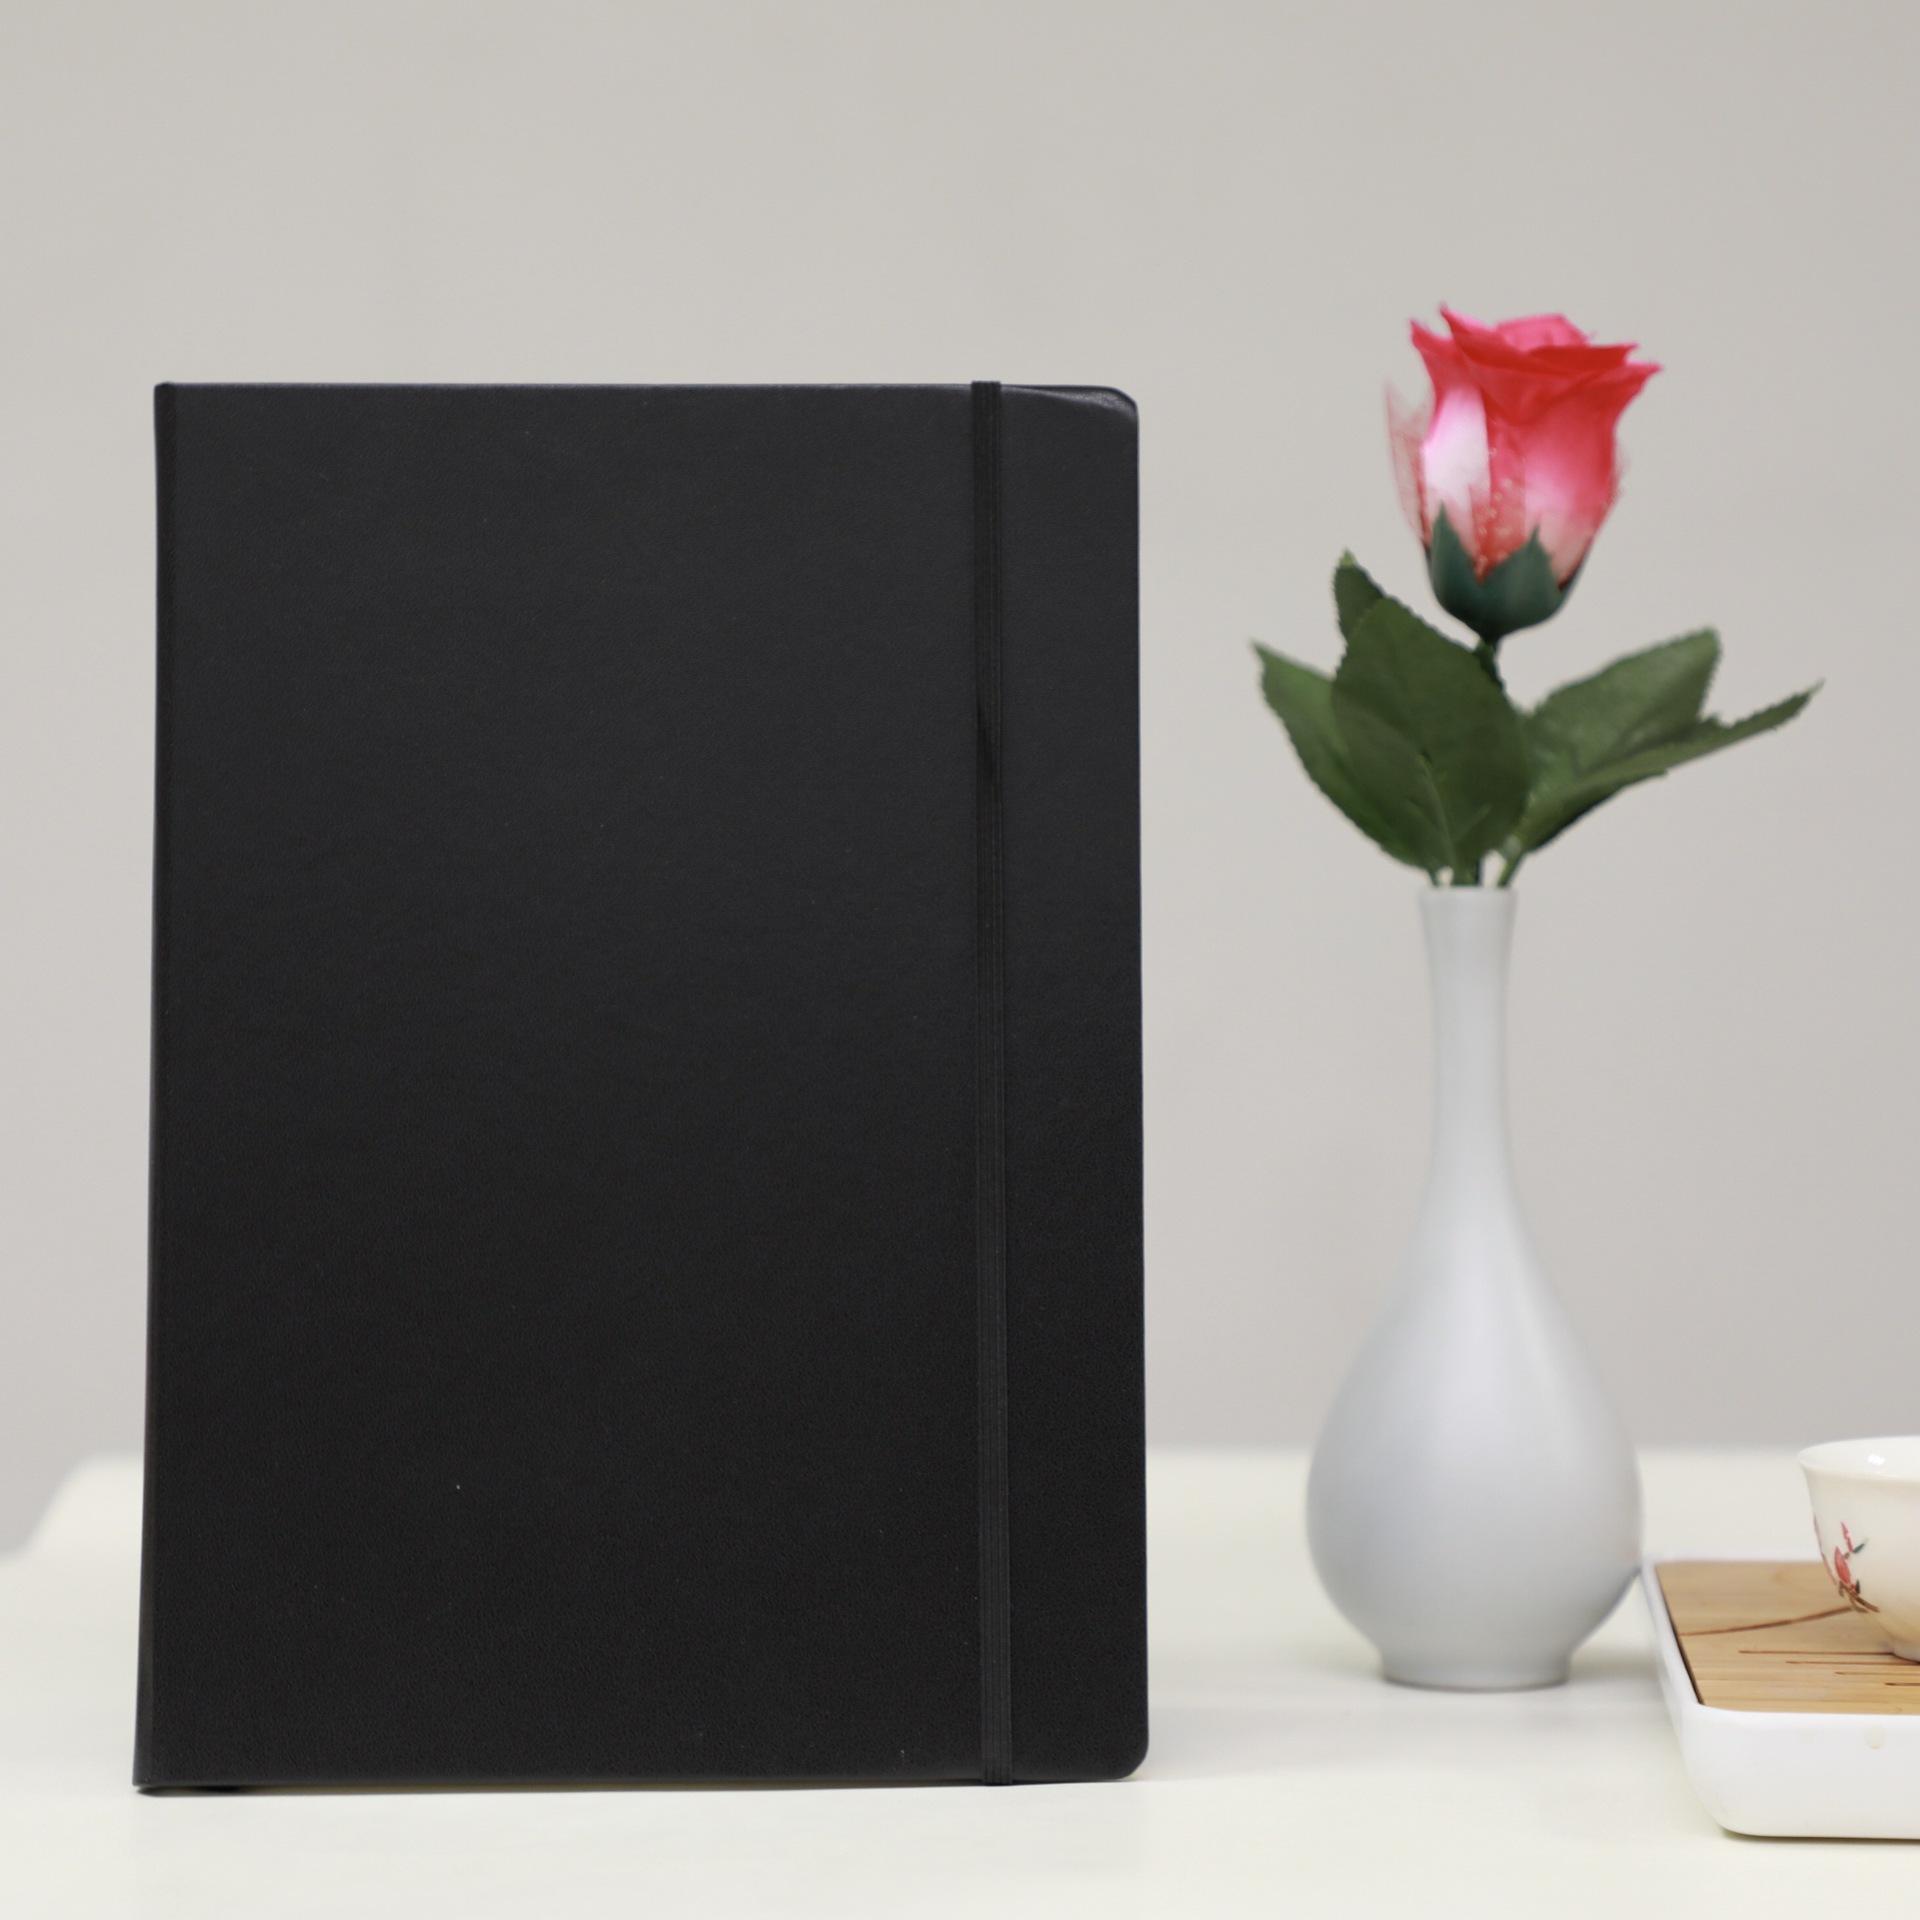 Venboo Sổ tay Nhà máy Quảng Châu tùy chỉnh B5 cao cấp mặt cứng dây đeo bìa cứng máy tính xách tay má